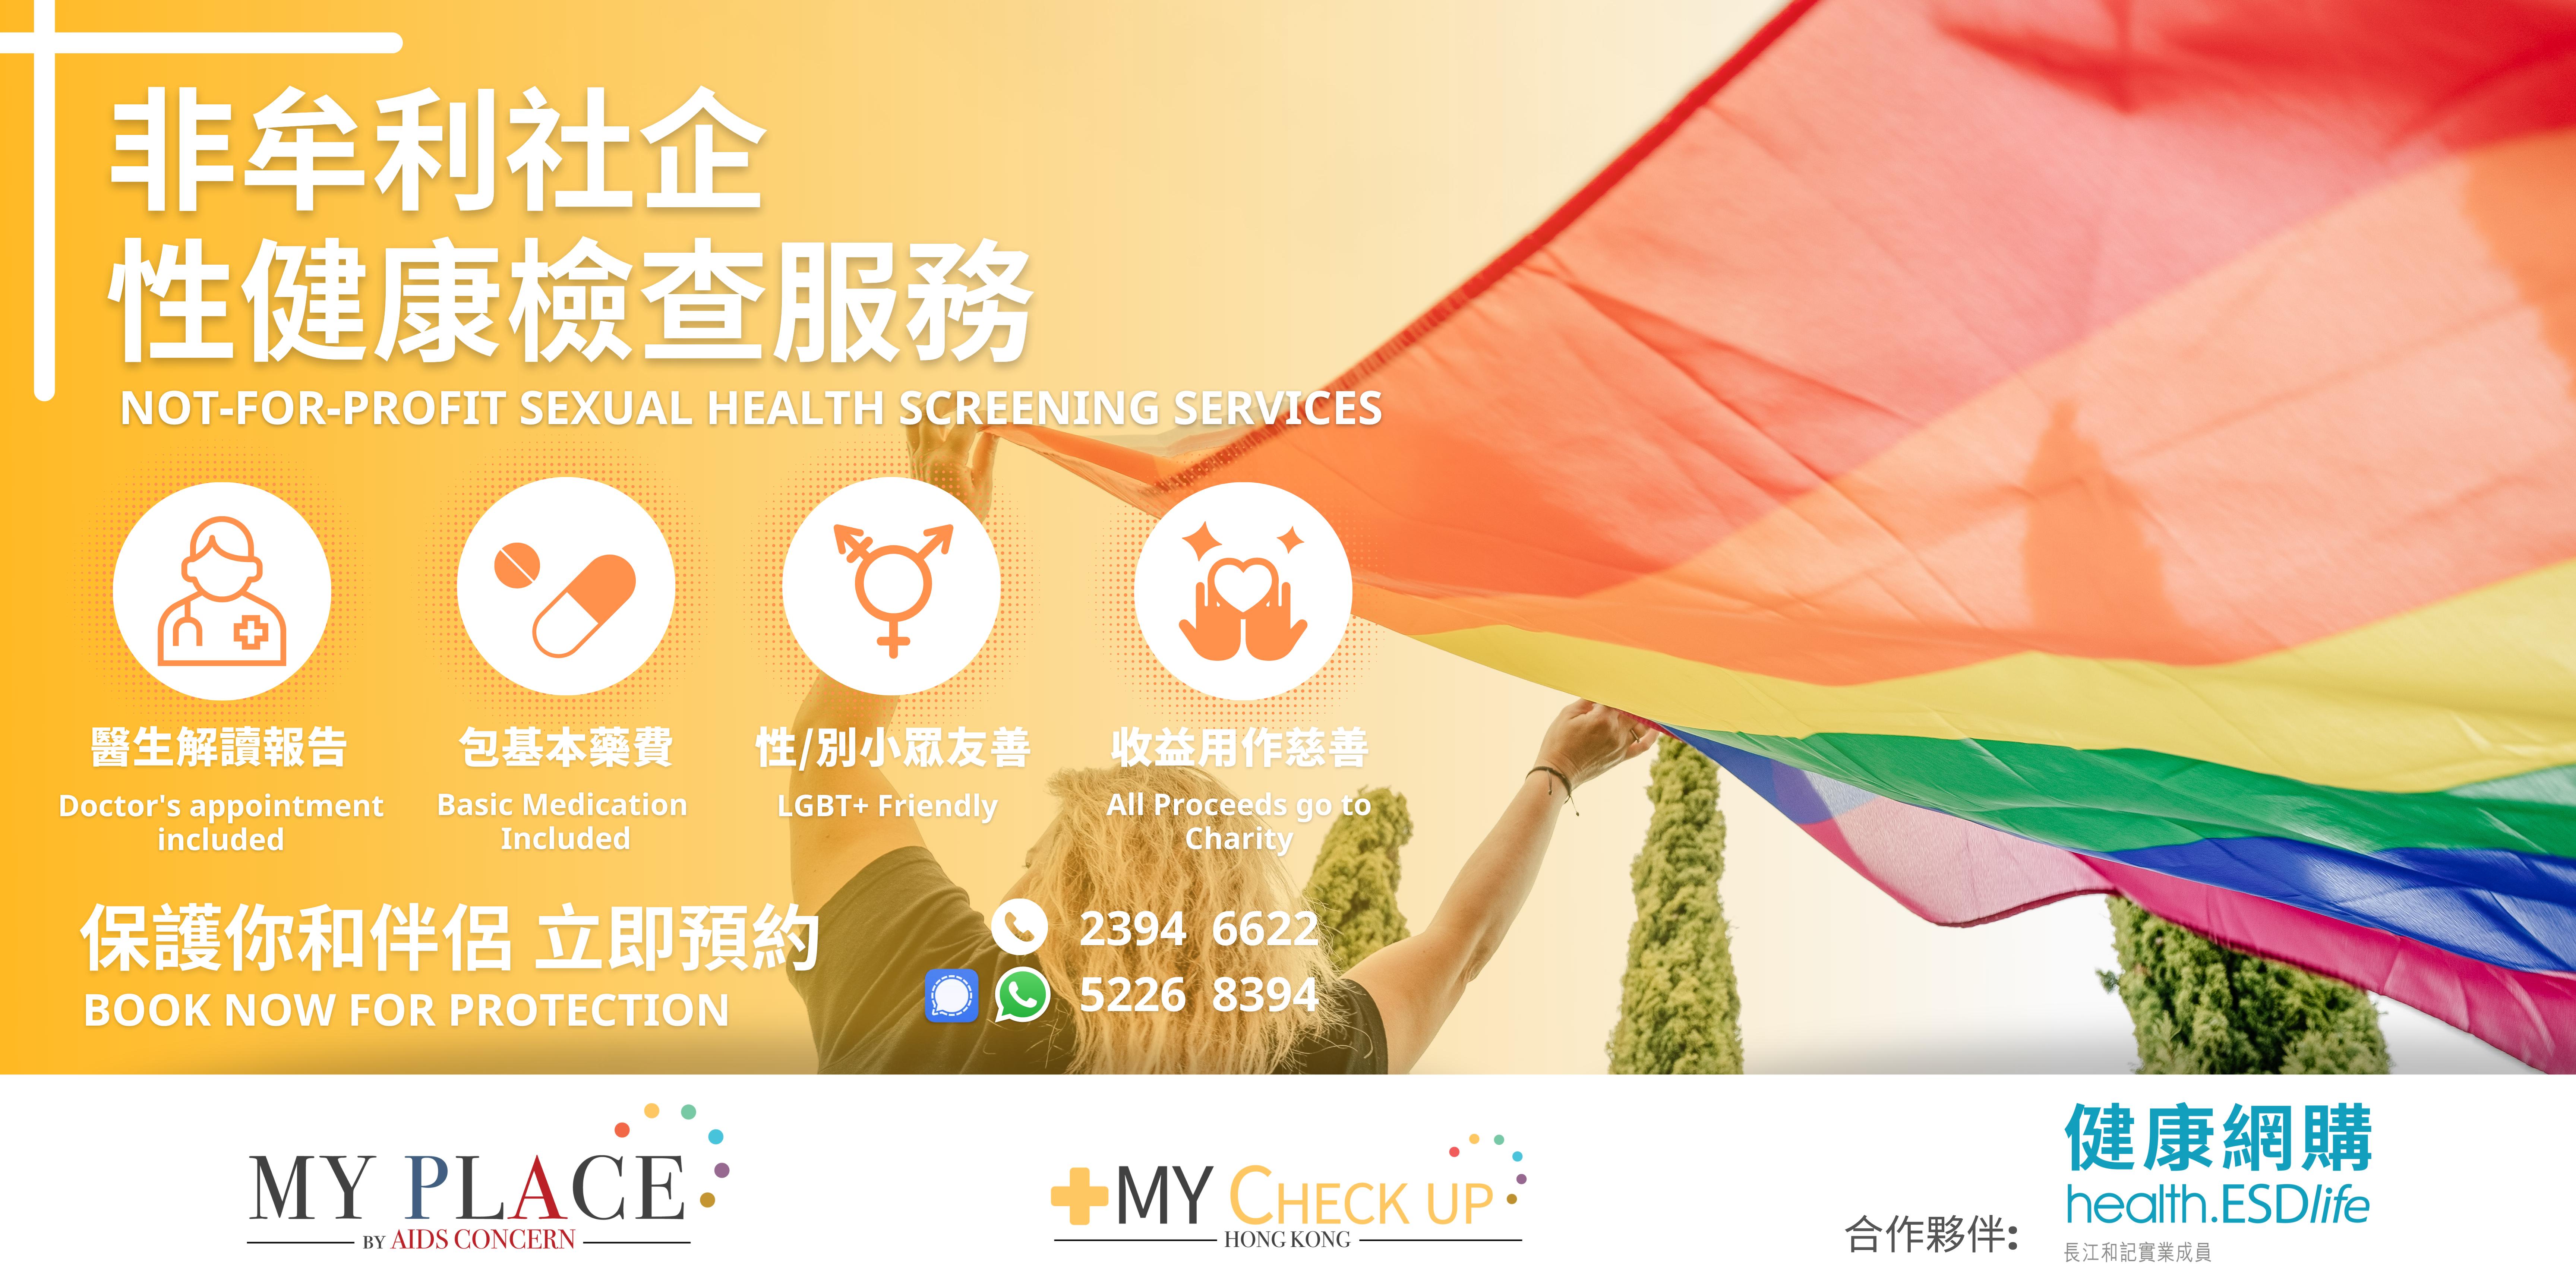 My PLACE Hong Kong Sexual Health Checkup